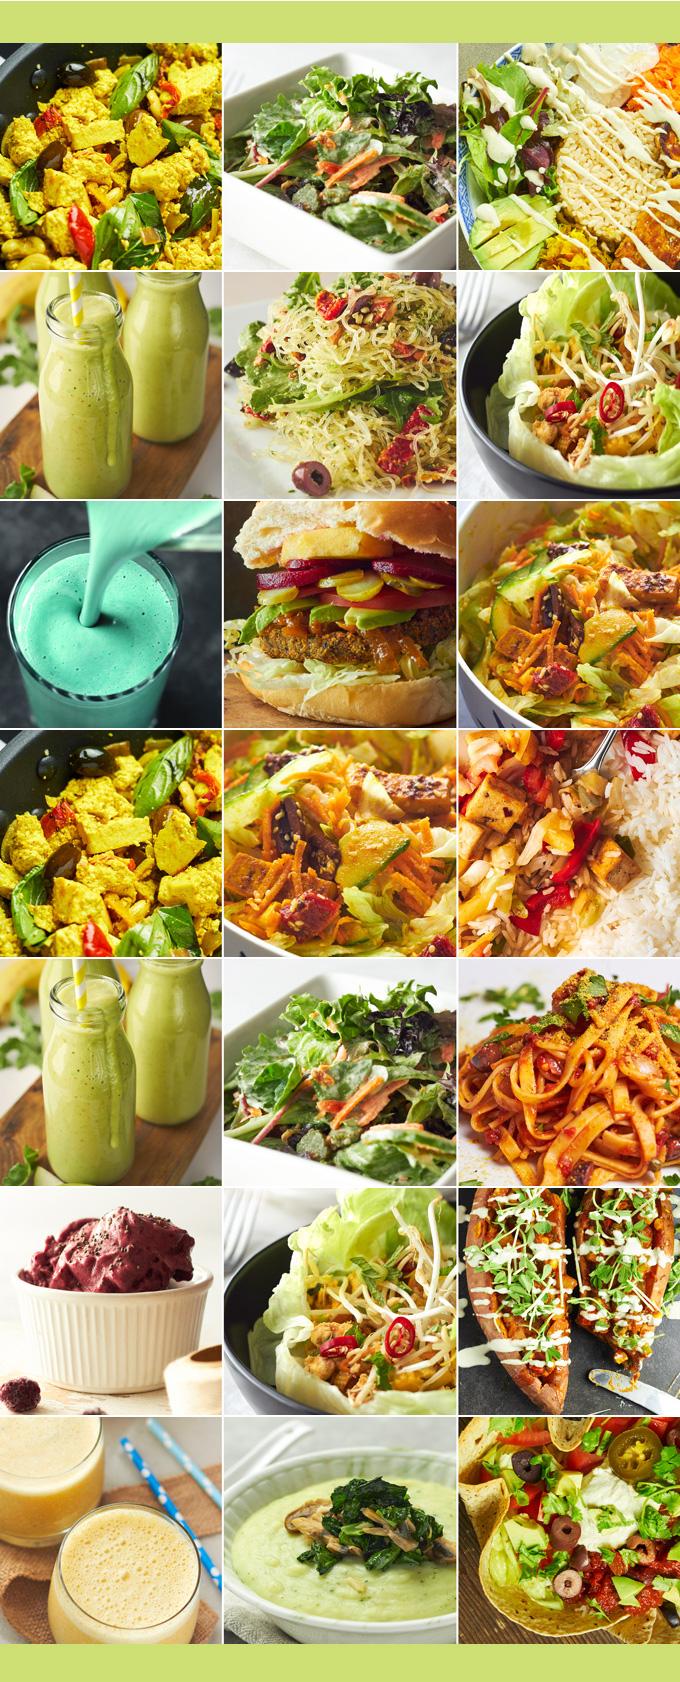 Vegan Meal Plan - one week of delicious plant-based menus